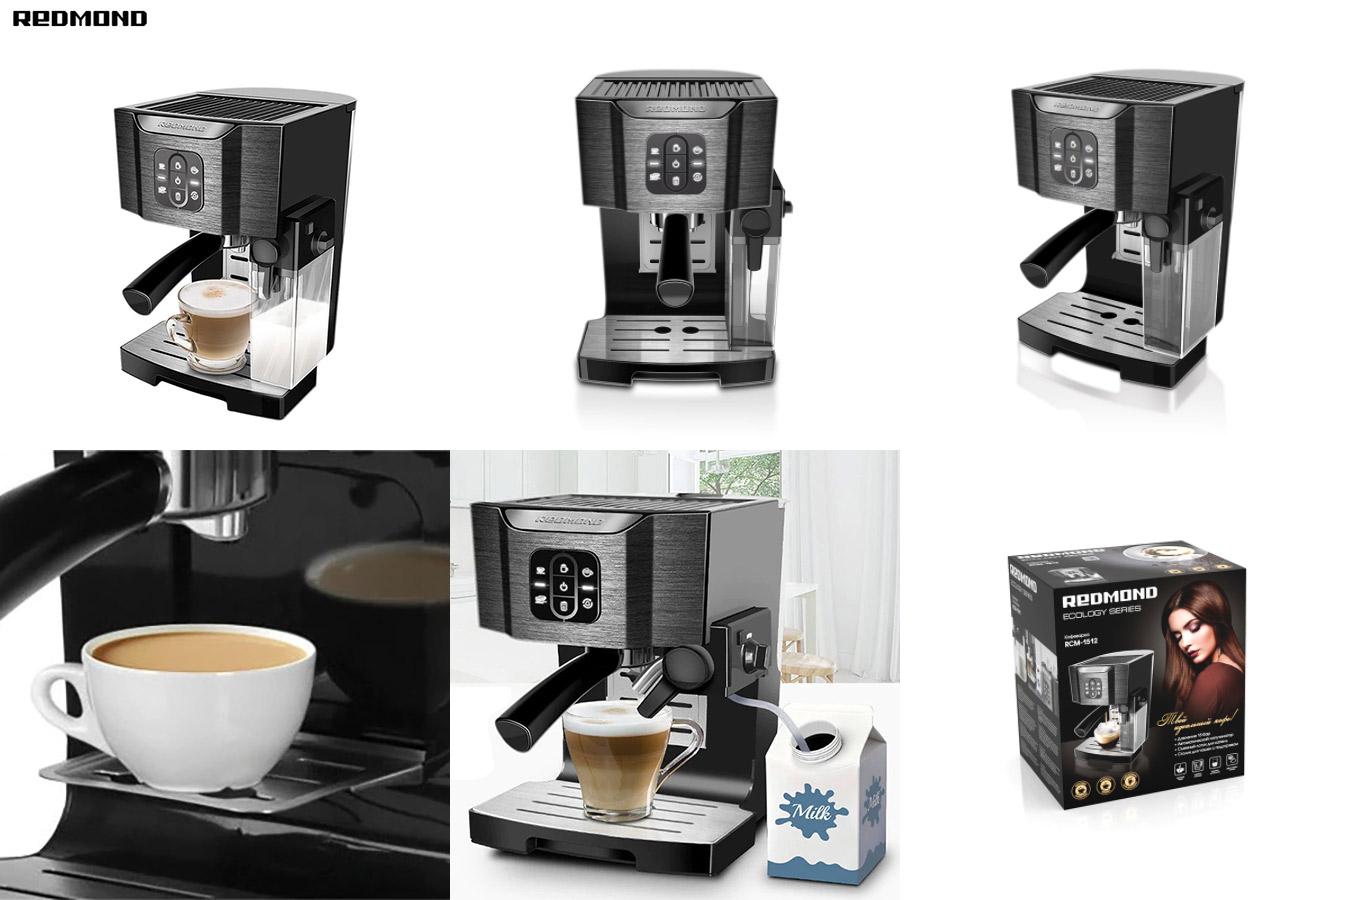 Лучшая кофеварка на алиэкспресс Redmond RCM-1512